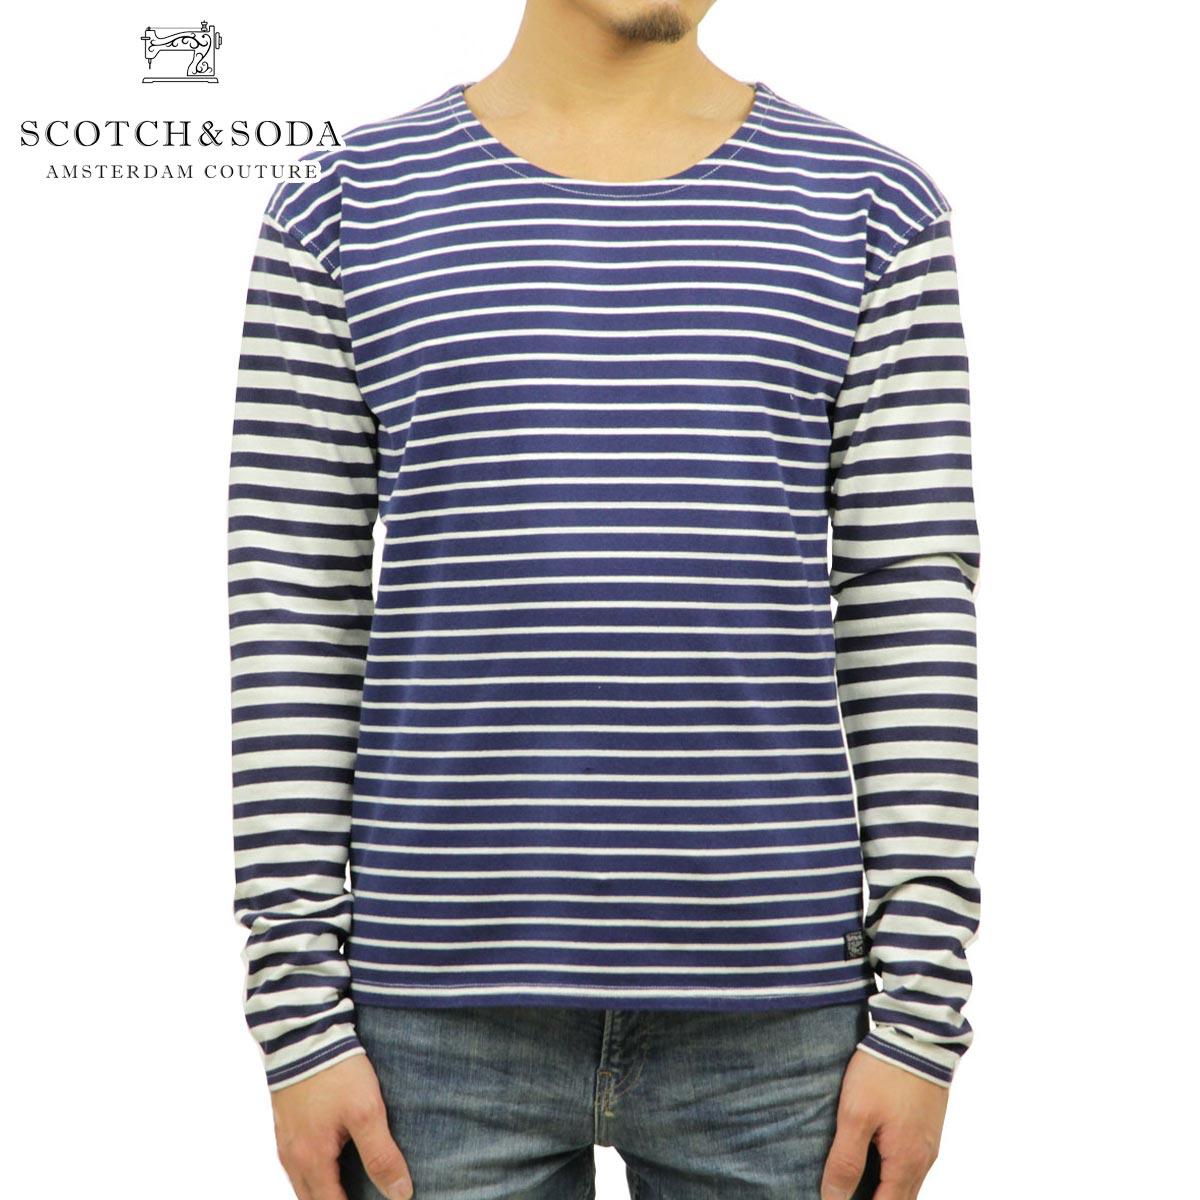 スコッチアンドソーダ Tシャツ メンズ 正規販売店 SCOTCH&SODA 長袖Tシャツ Mix and match yarn dyed boat neck breton 50302 A